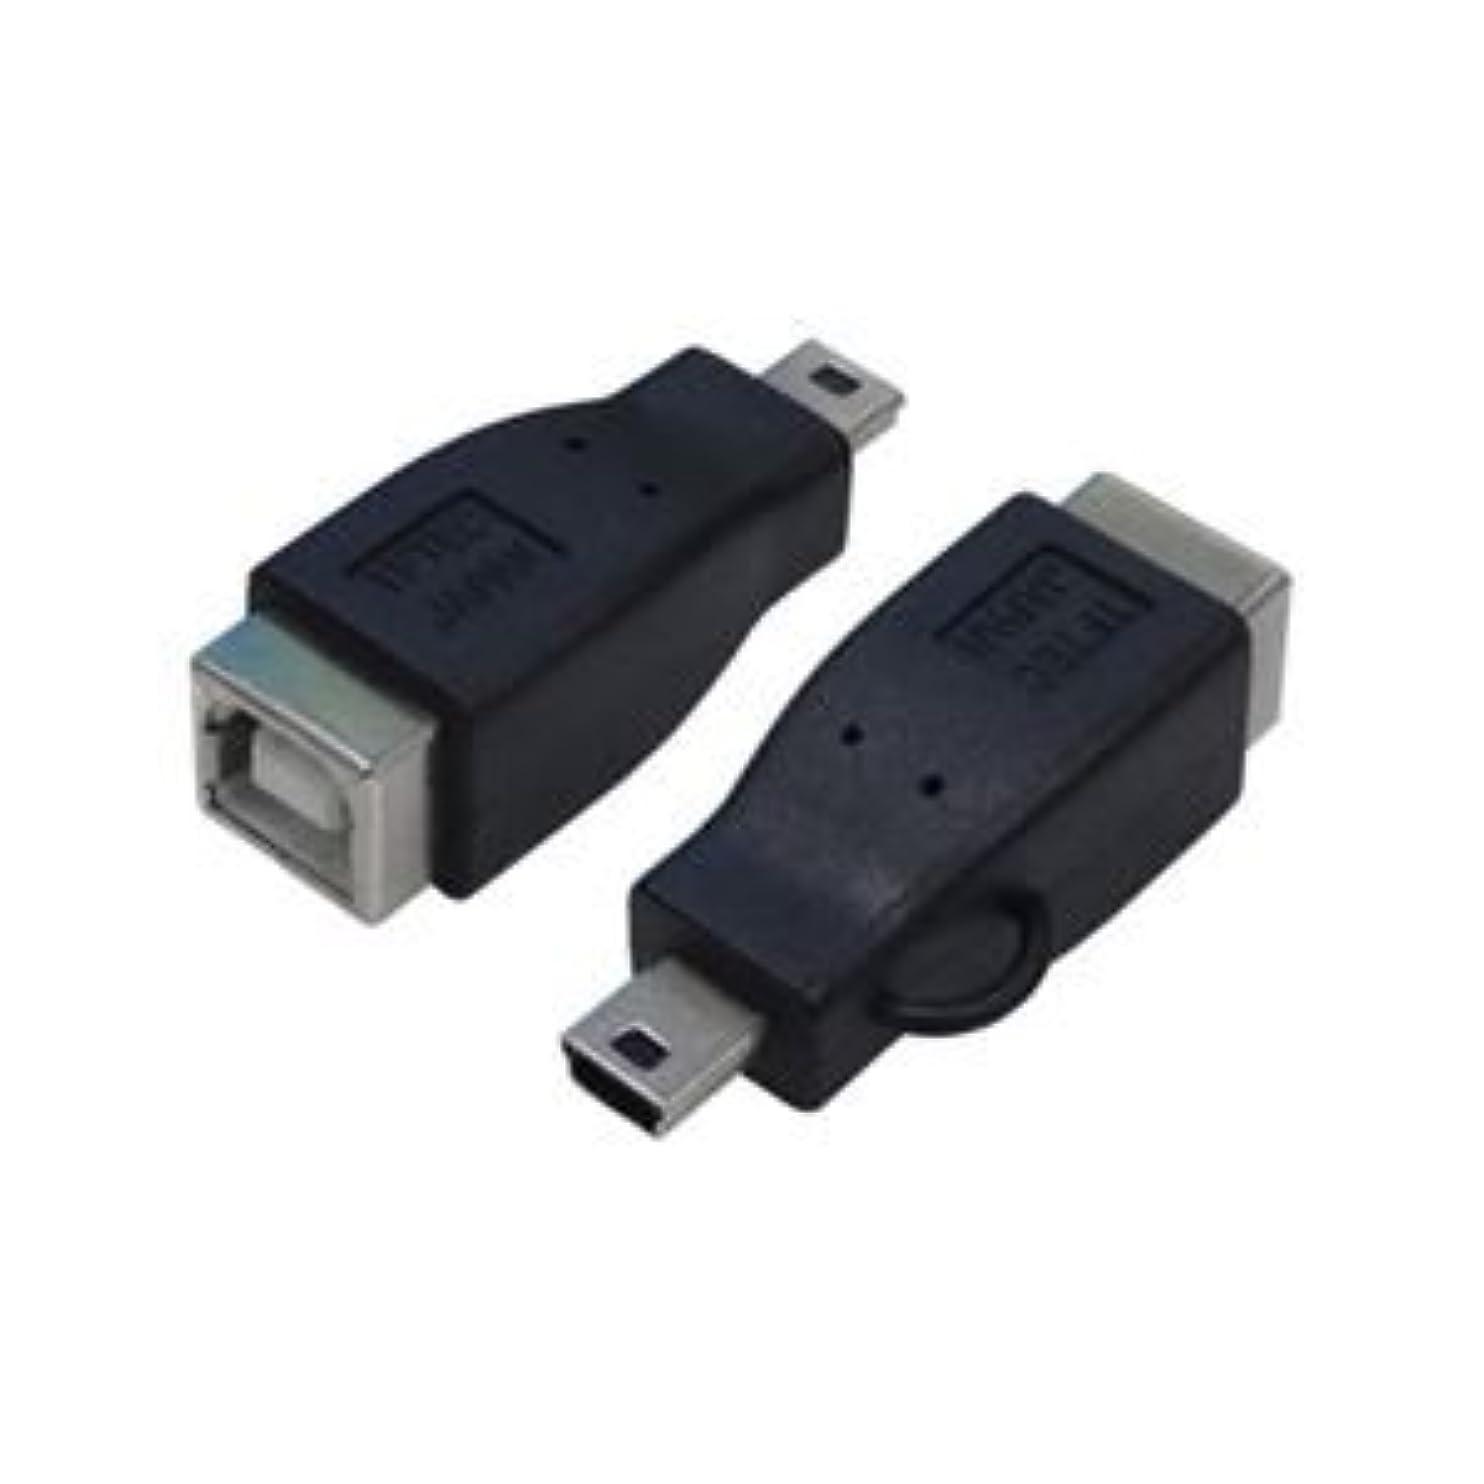 可動未知のコーデリア(まとめ)変換名人 変換プラグ USB B(メス)→miniUSB(オス) USBBB-M5A【×10セット】